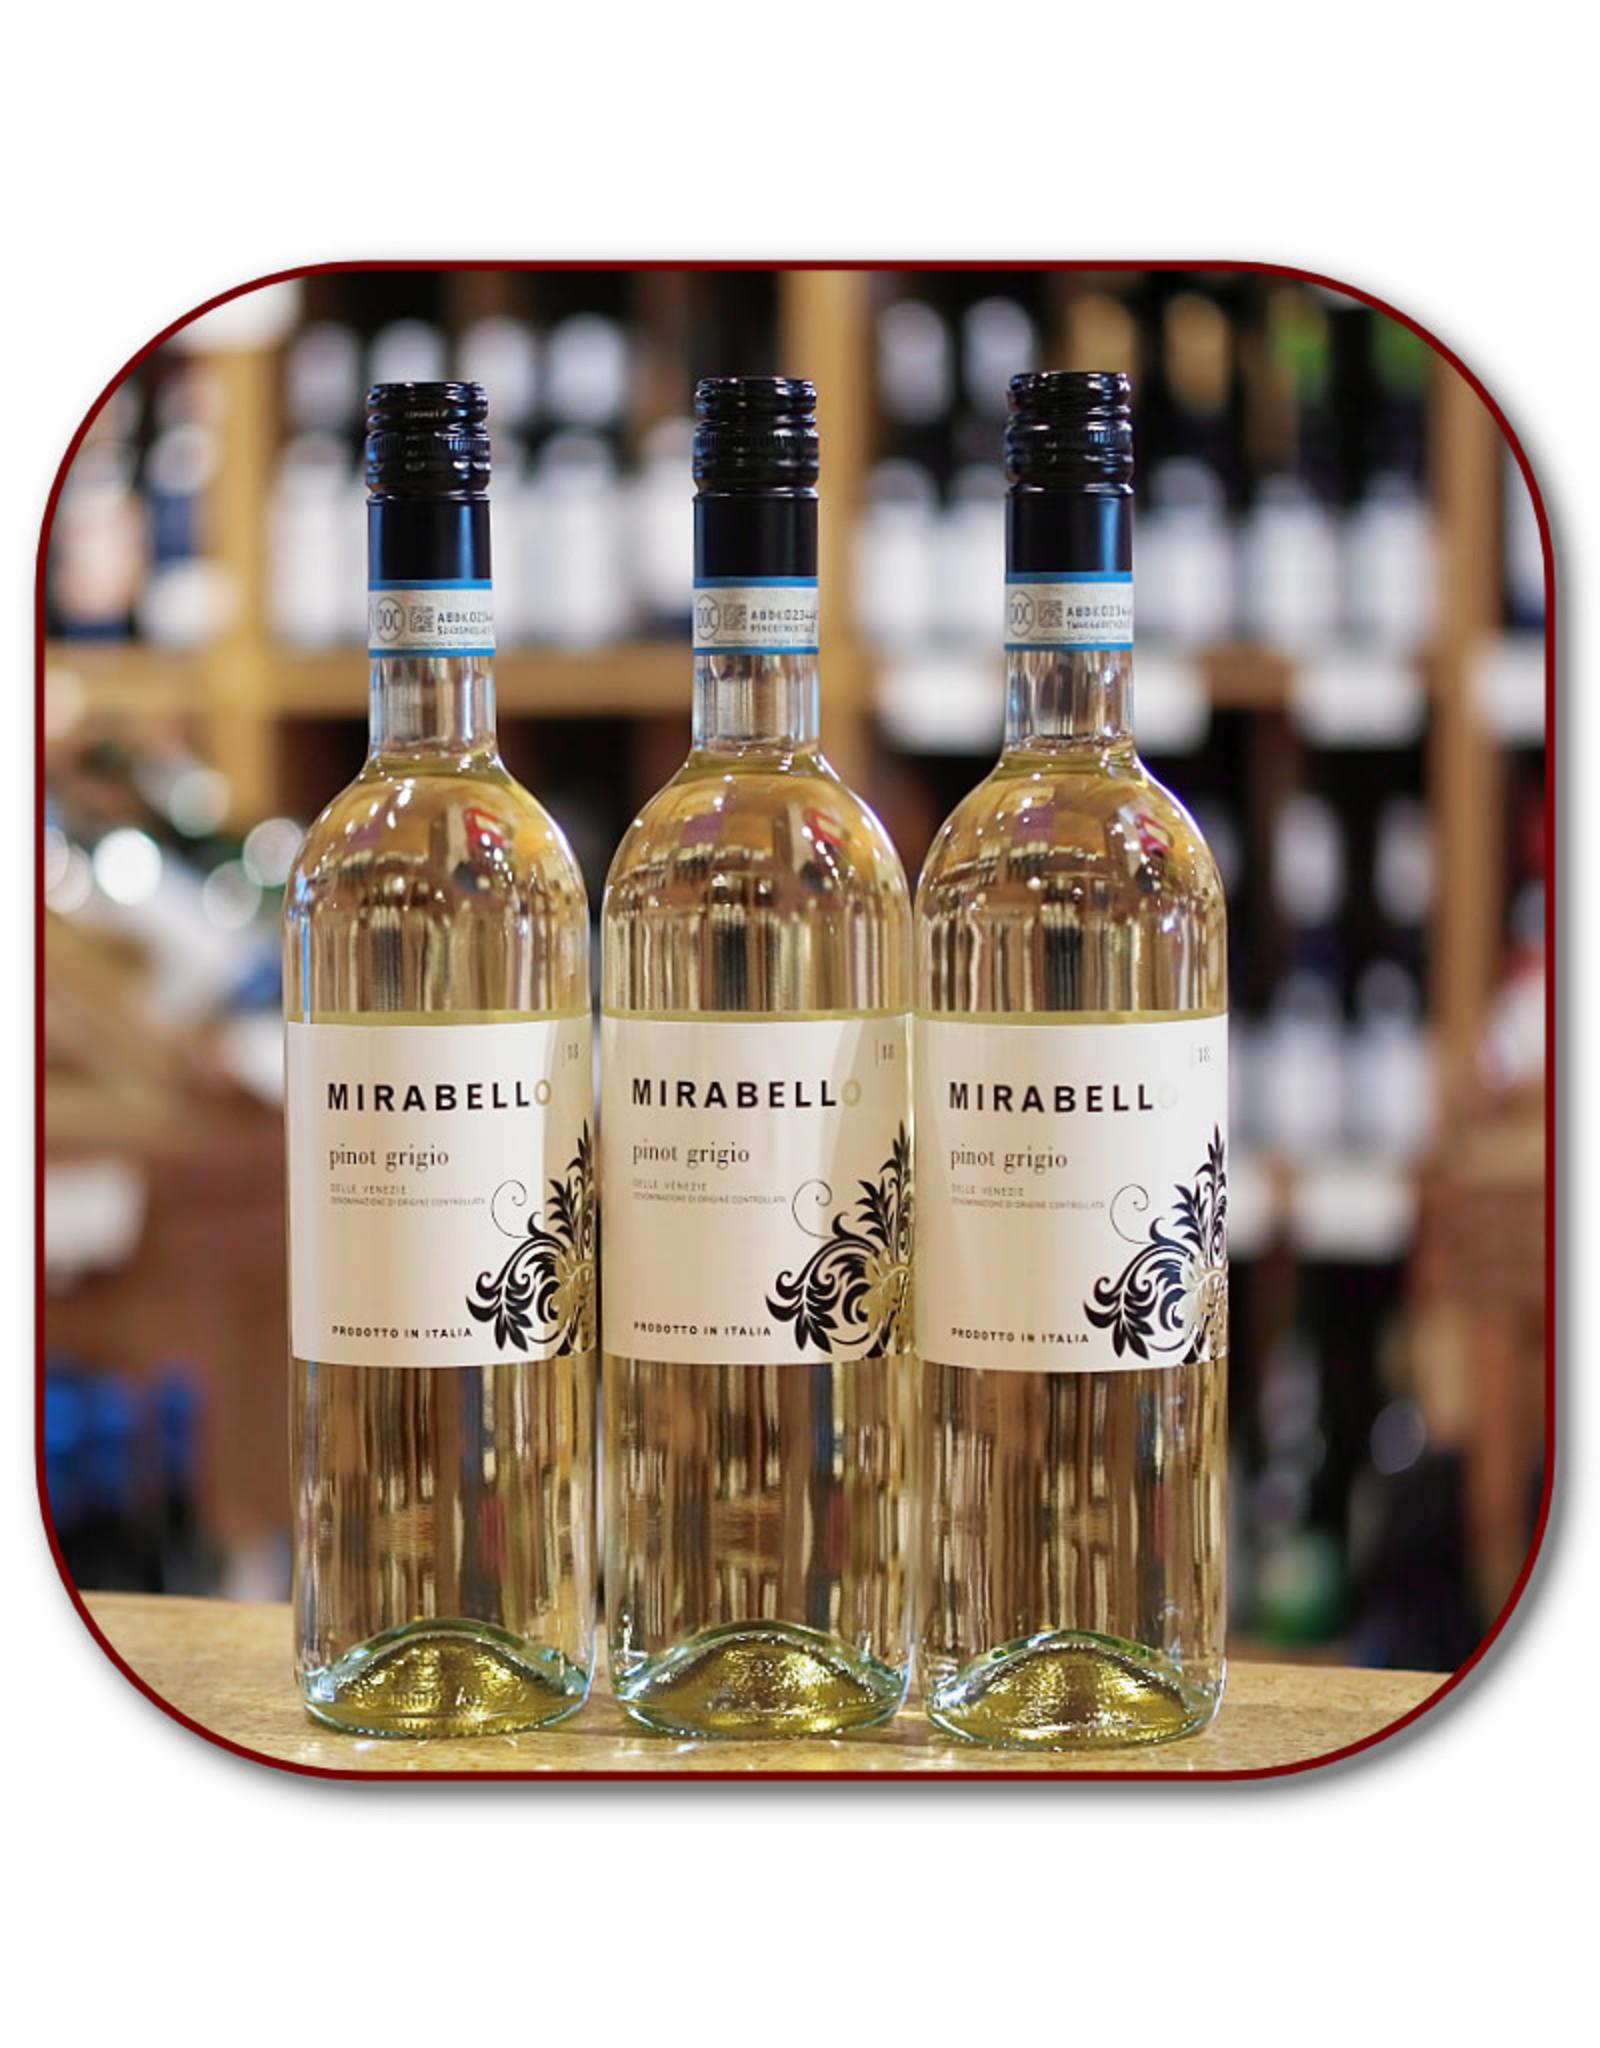 Pinot Grigio Mirabello Pinot Grigio 20